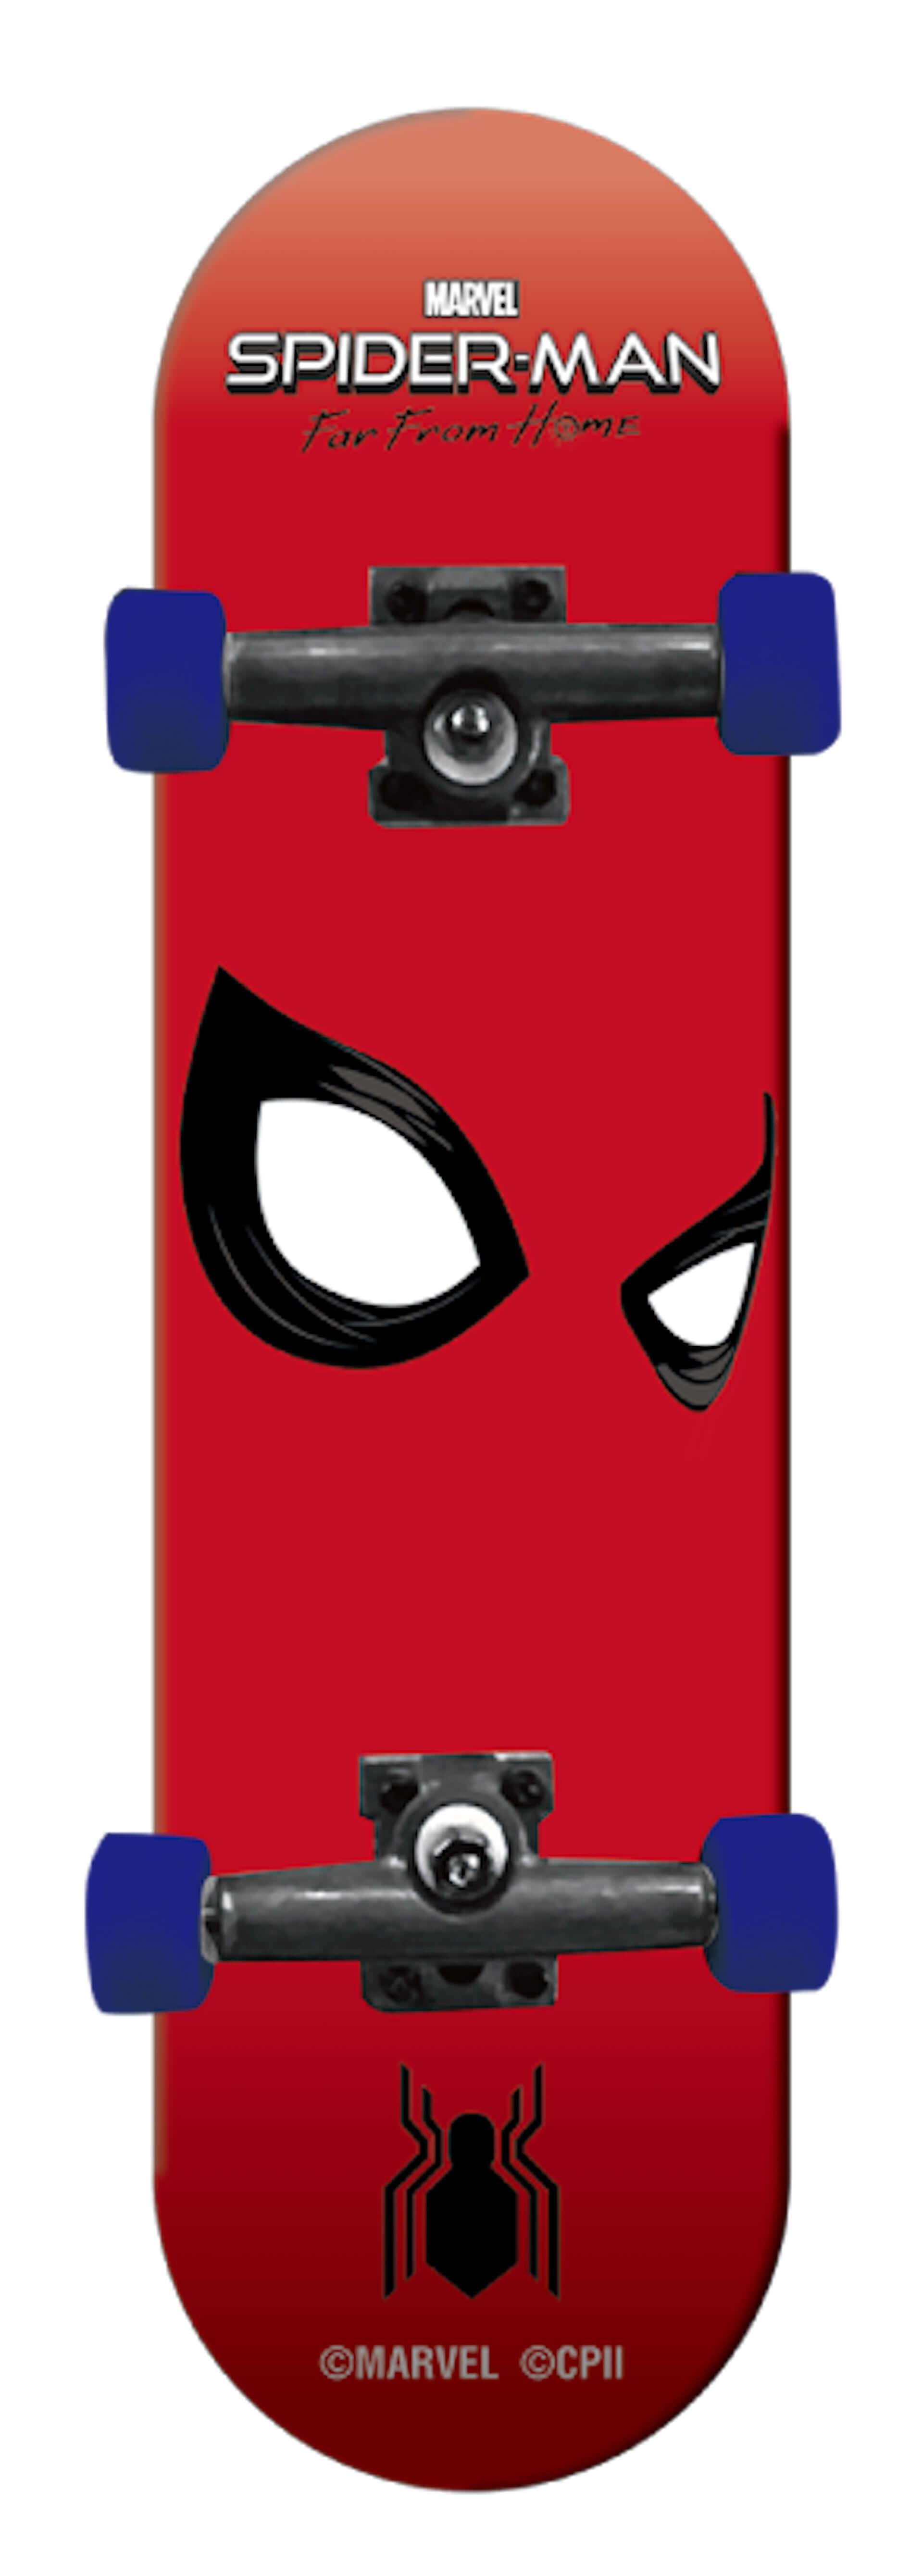 映画「スパイダーマン」最新作の超レアグッズが当たる!Happyくじ『スパイダーマン:ファー・フロム・ホーム』登場 art190628_spiderman_lot_20-1920x5360